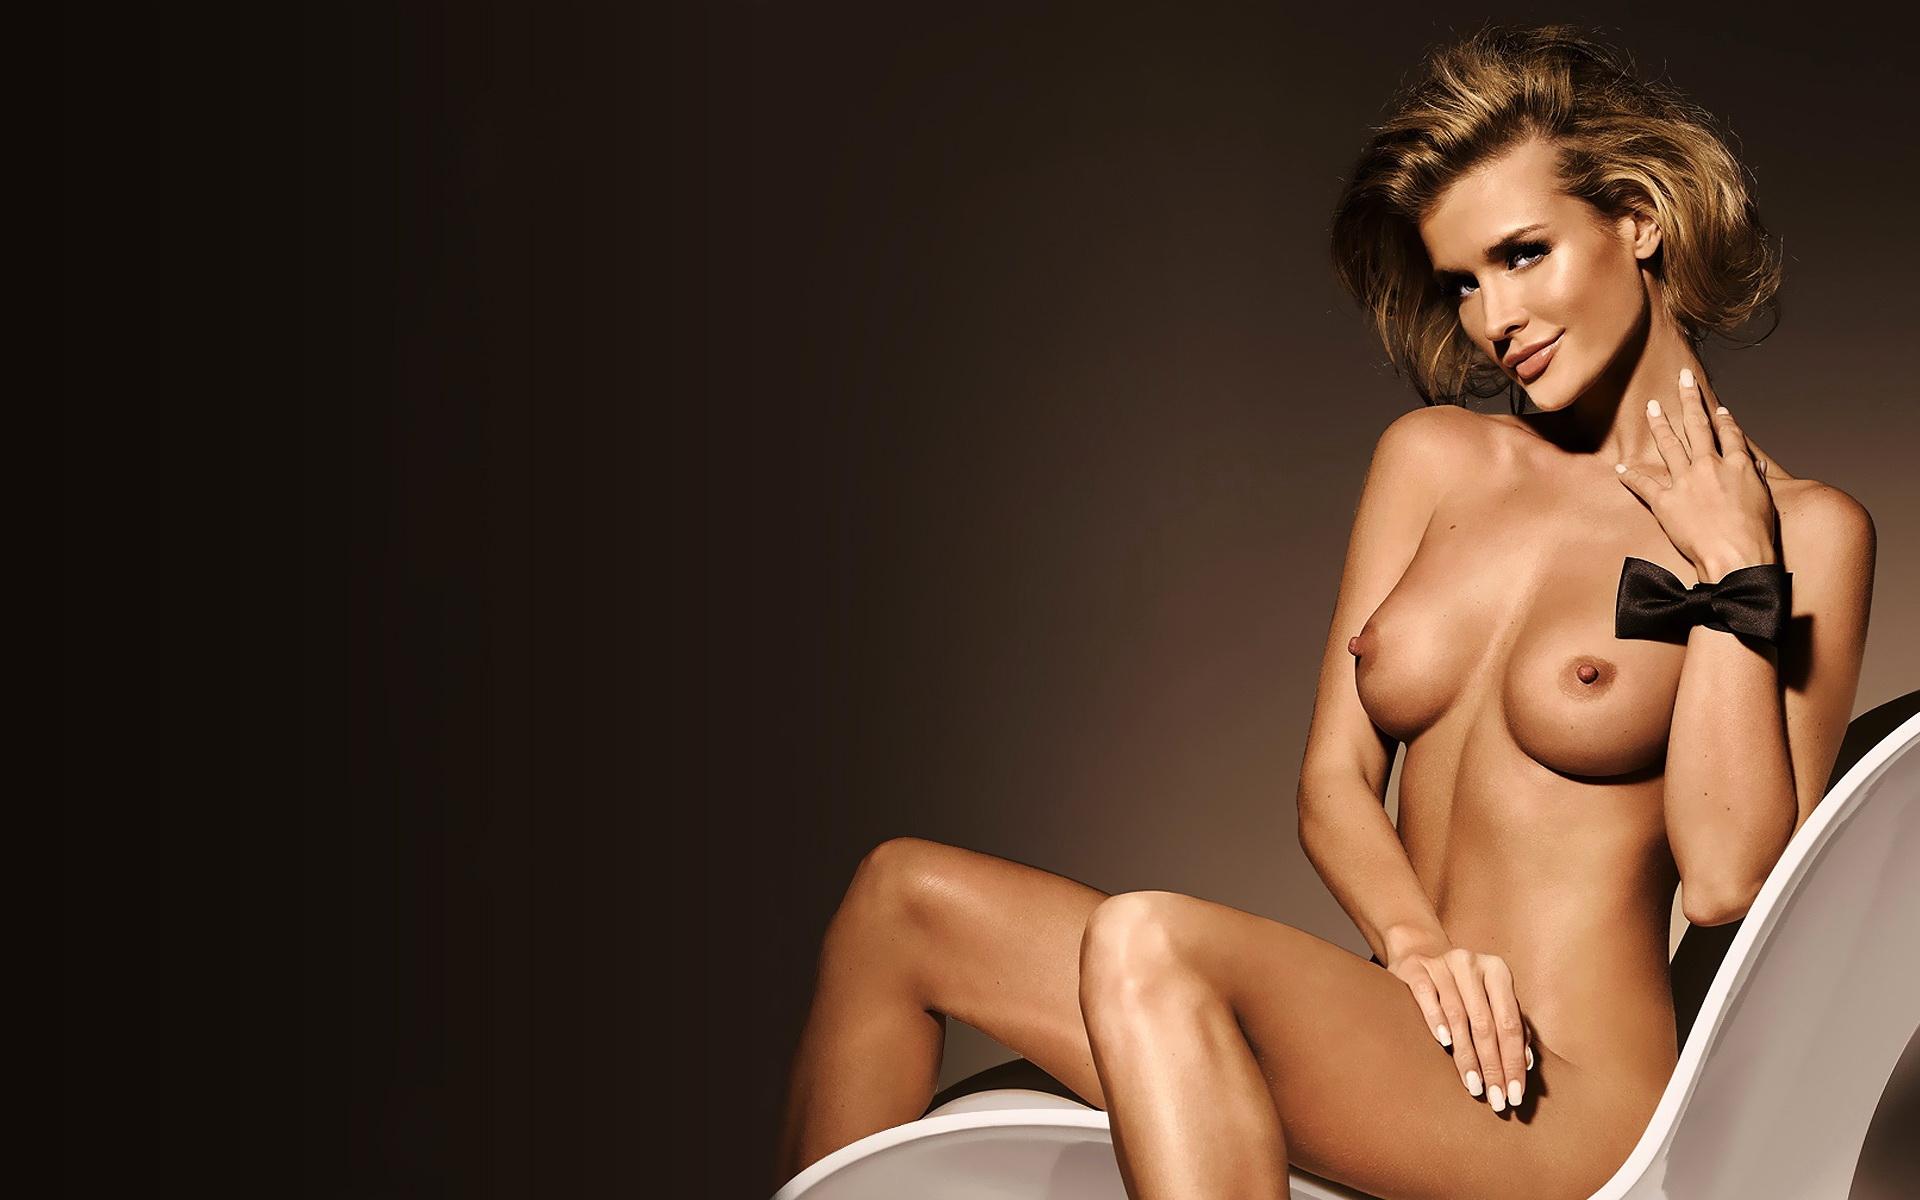 лег нее знаменитые девушки голые секс эффектно выставляет